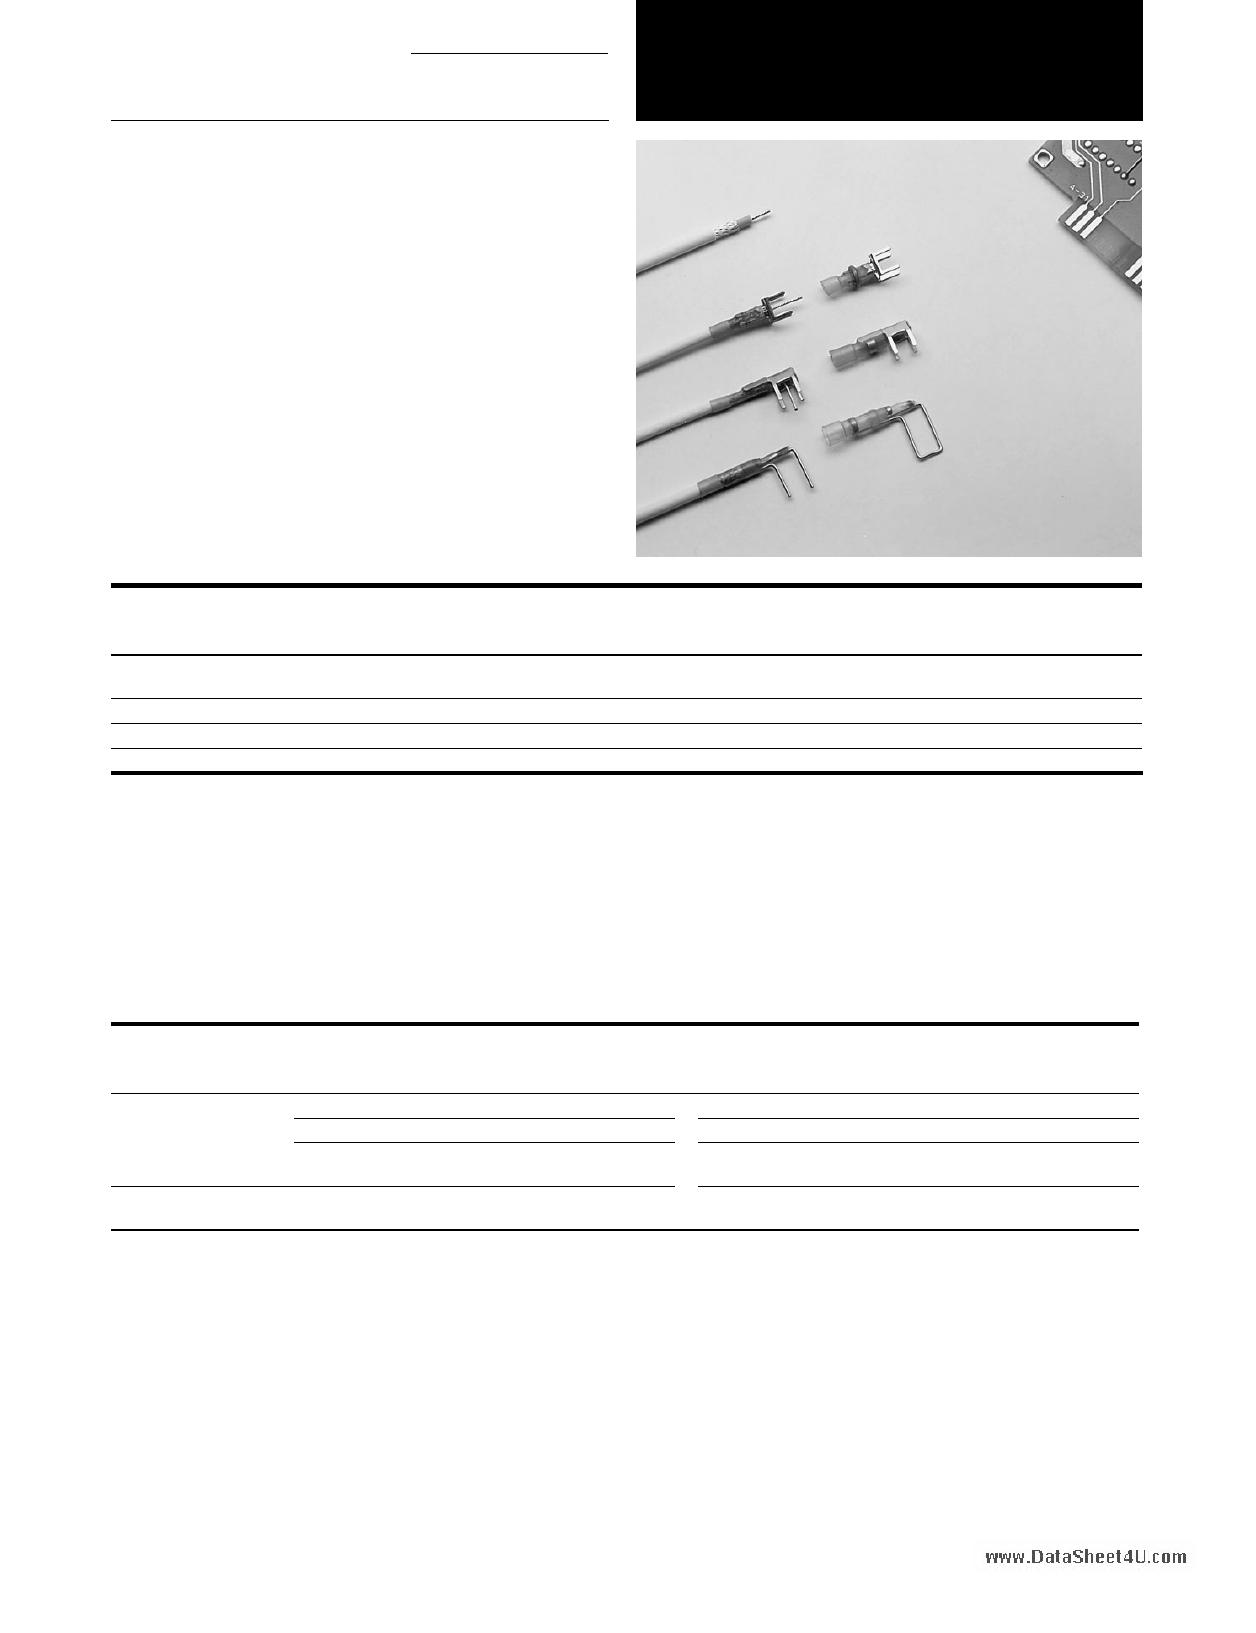 D-607-09 datasheet